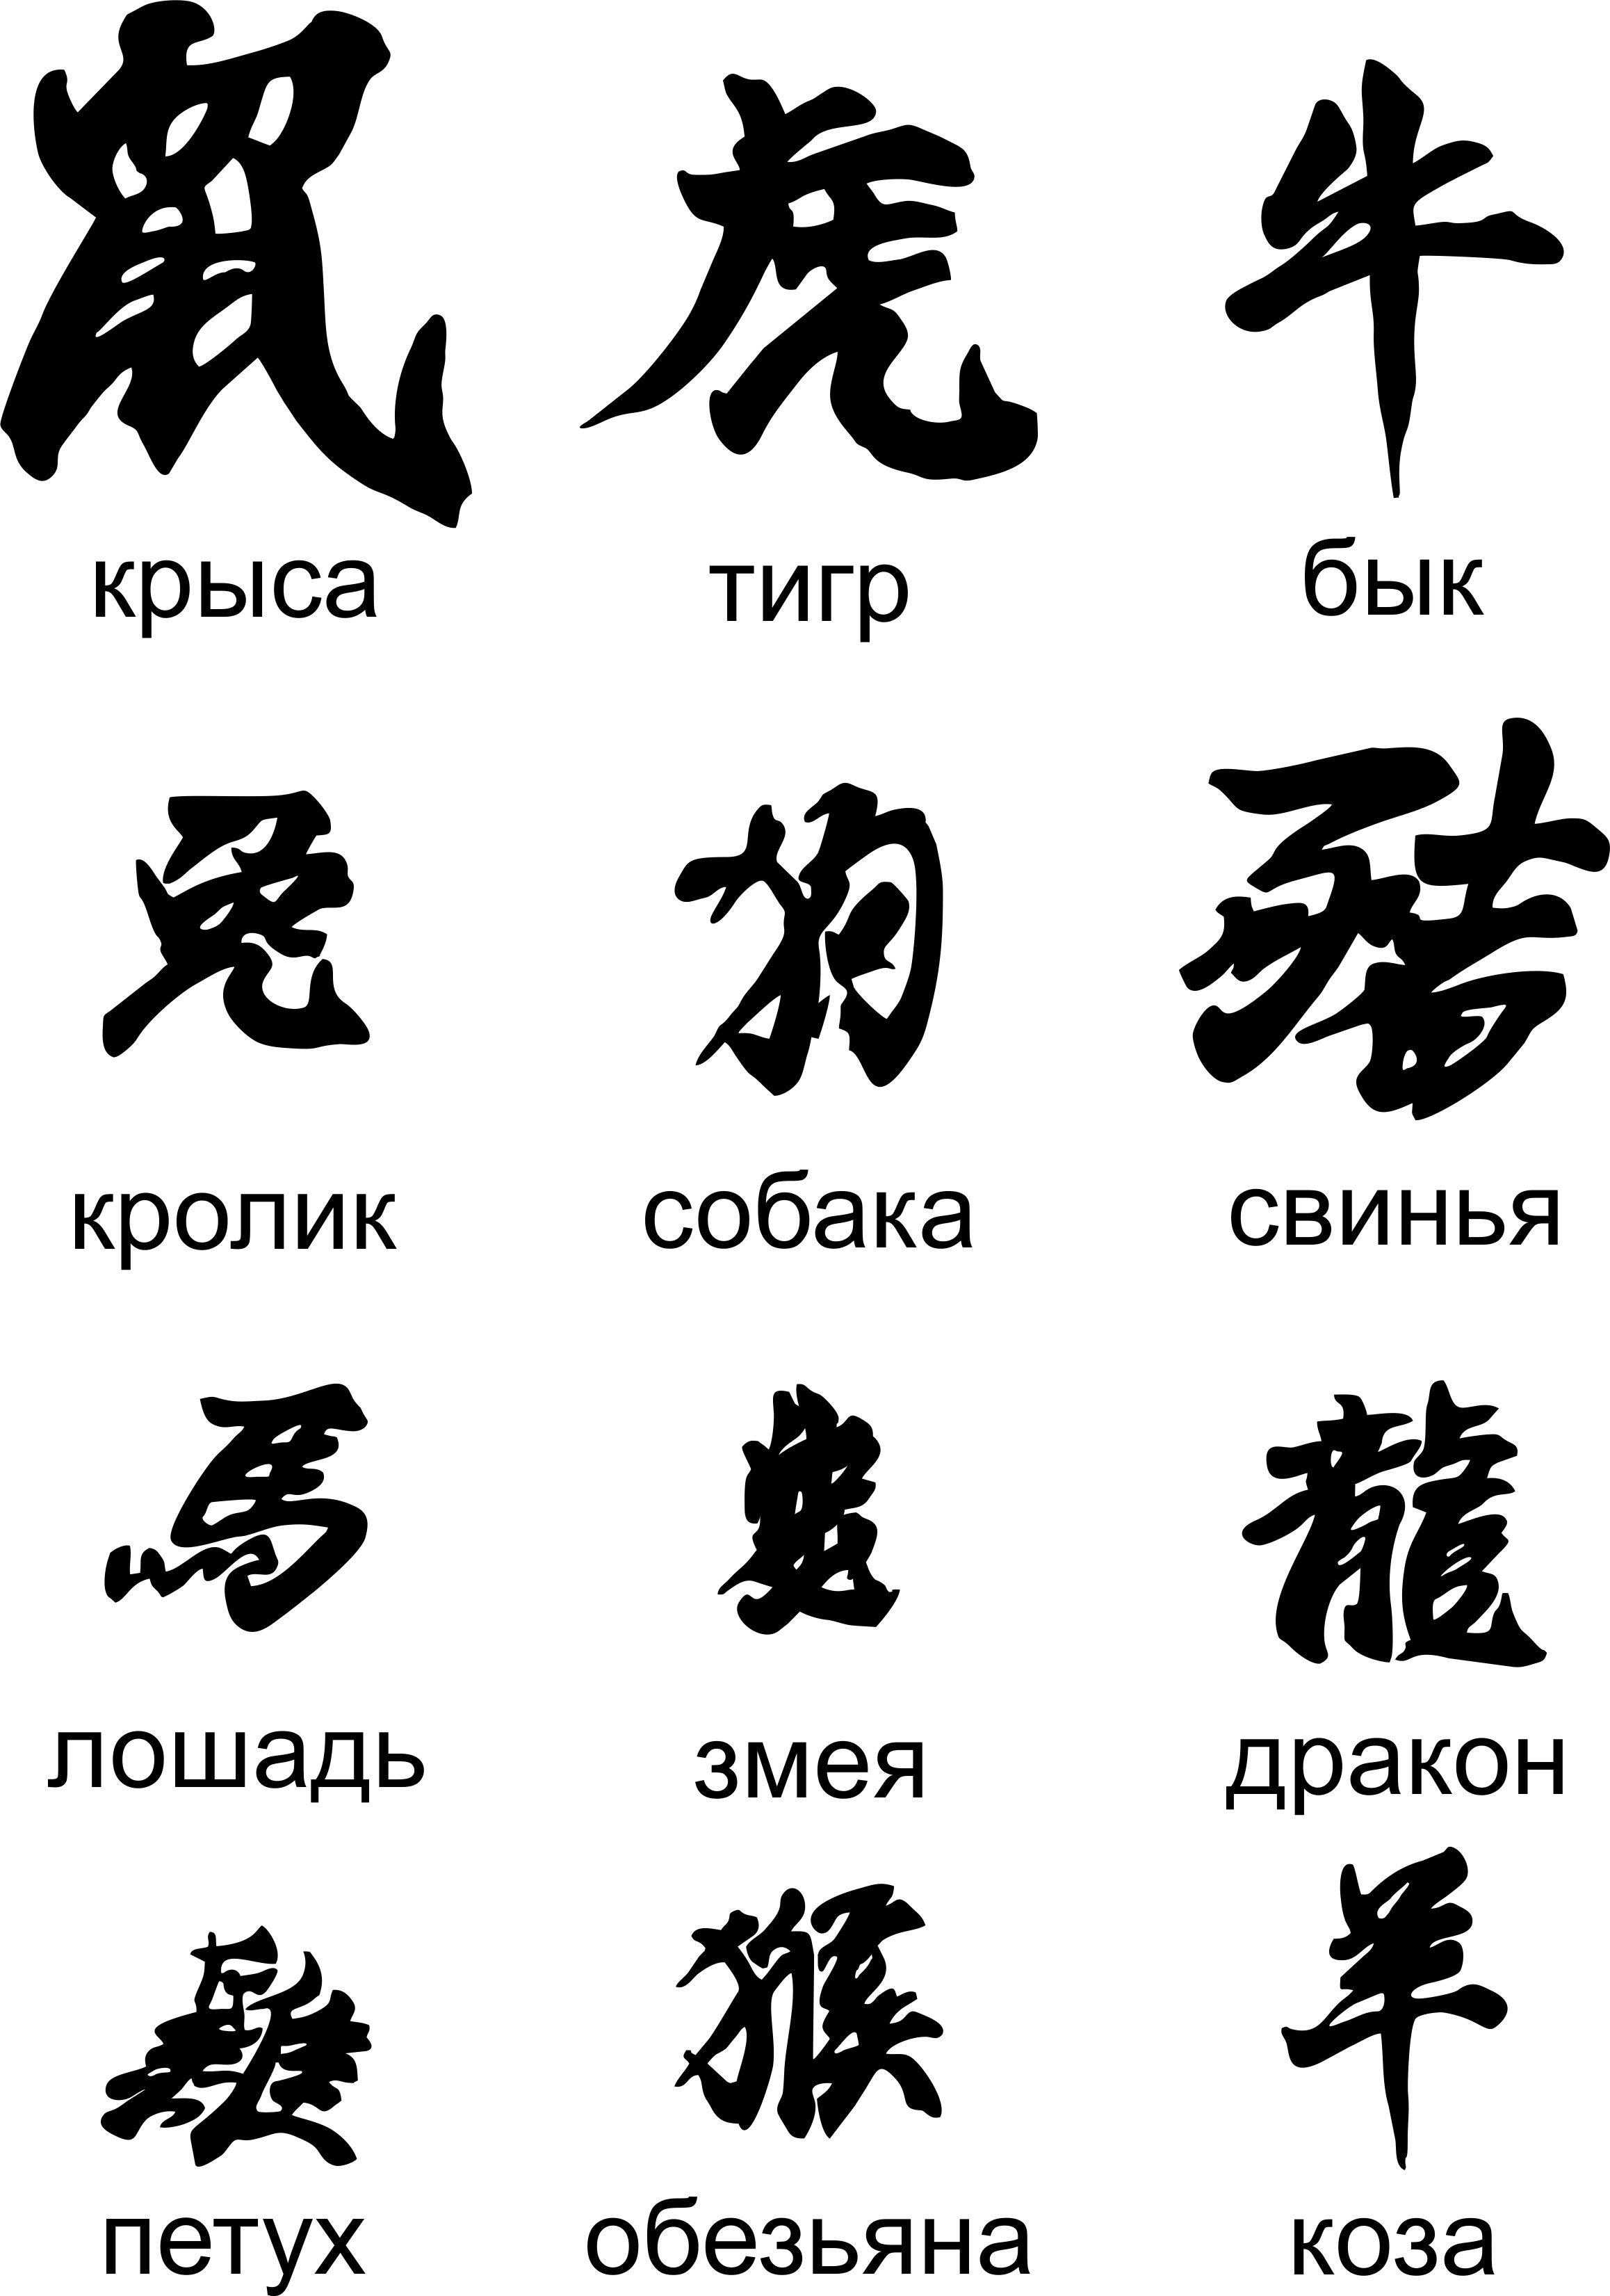 Значение татуировок надписей в картинках, символикой мвд